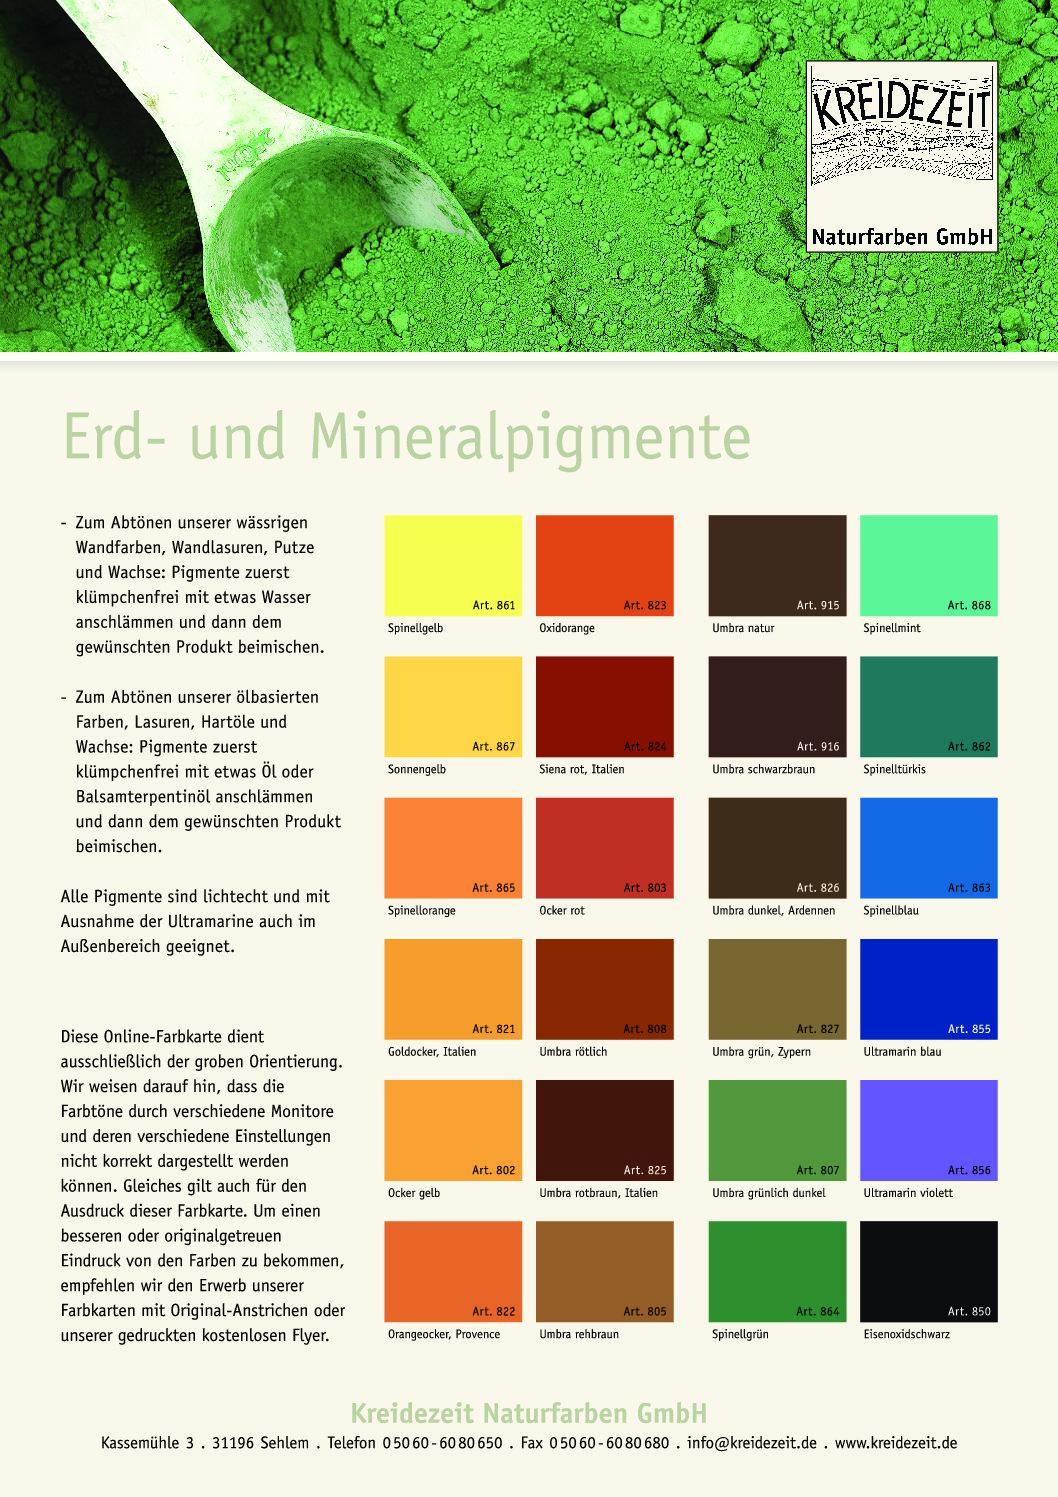 Farbkarte Erd-Mineral Pigmente - Klicken zum Download als PDF